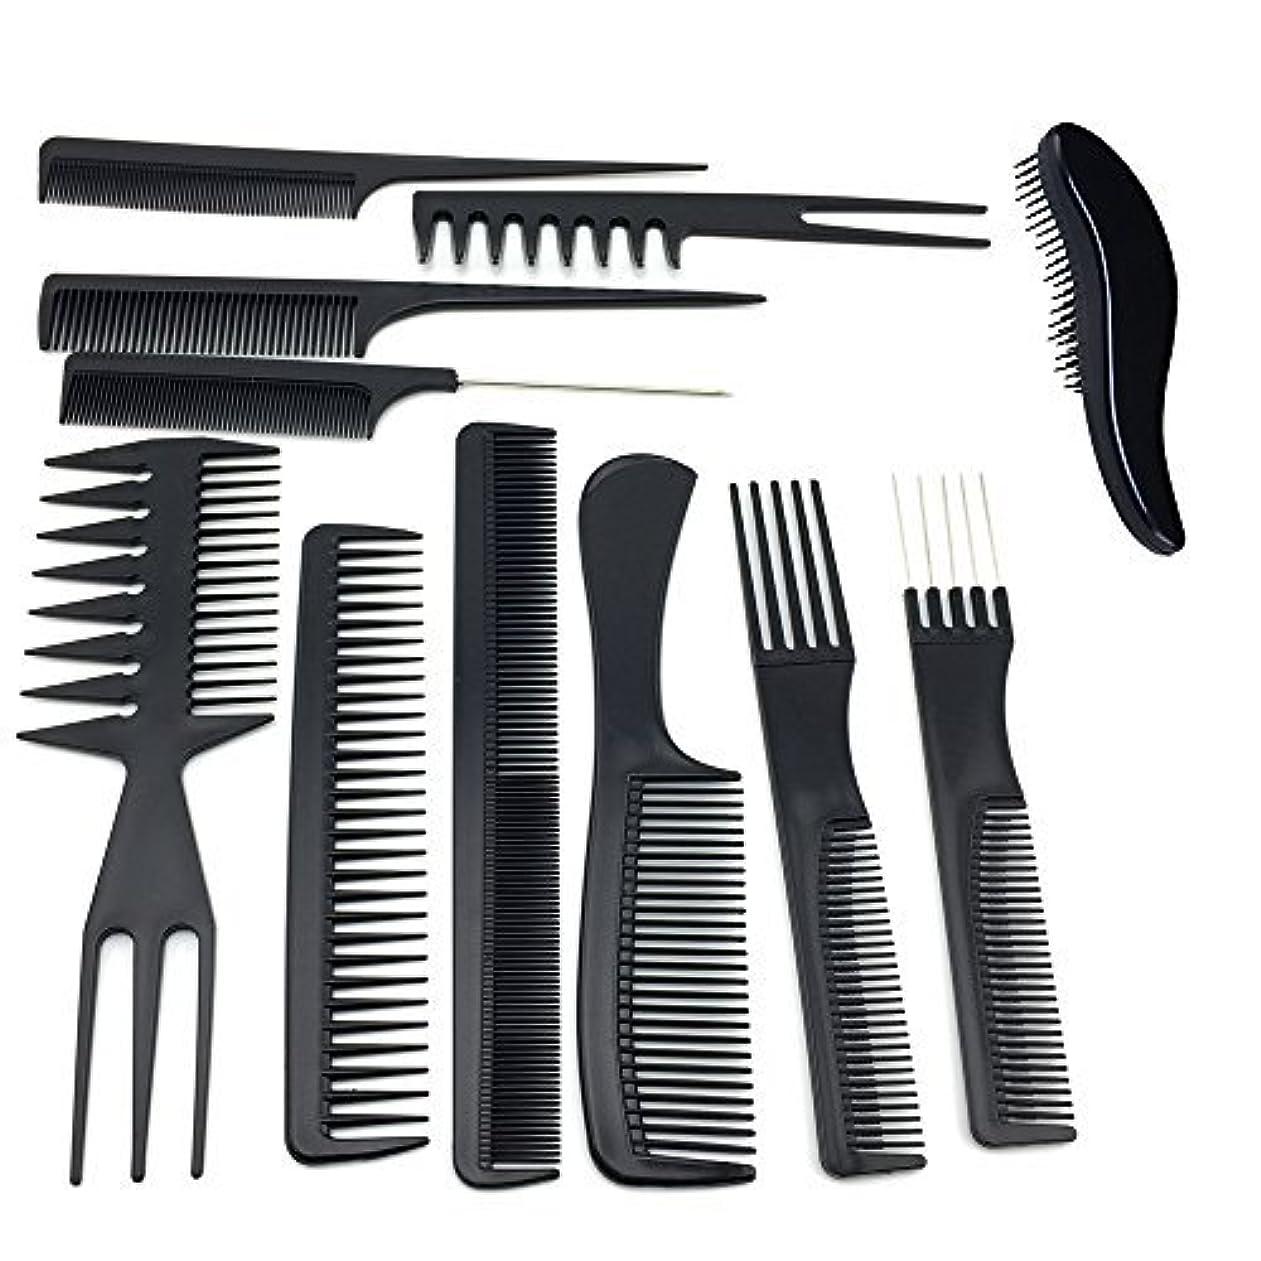 がっかりするいいねミントTraderPlus 11PCS Hair Stylists Professional Styling Comb Set Variety Pack for All Hair Types [並行輸入品]